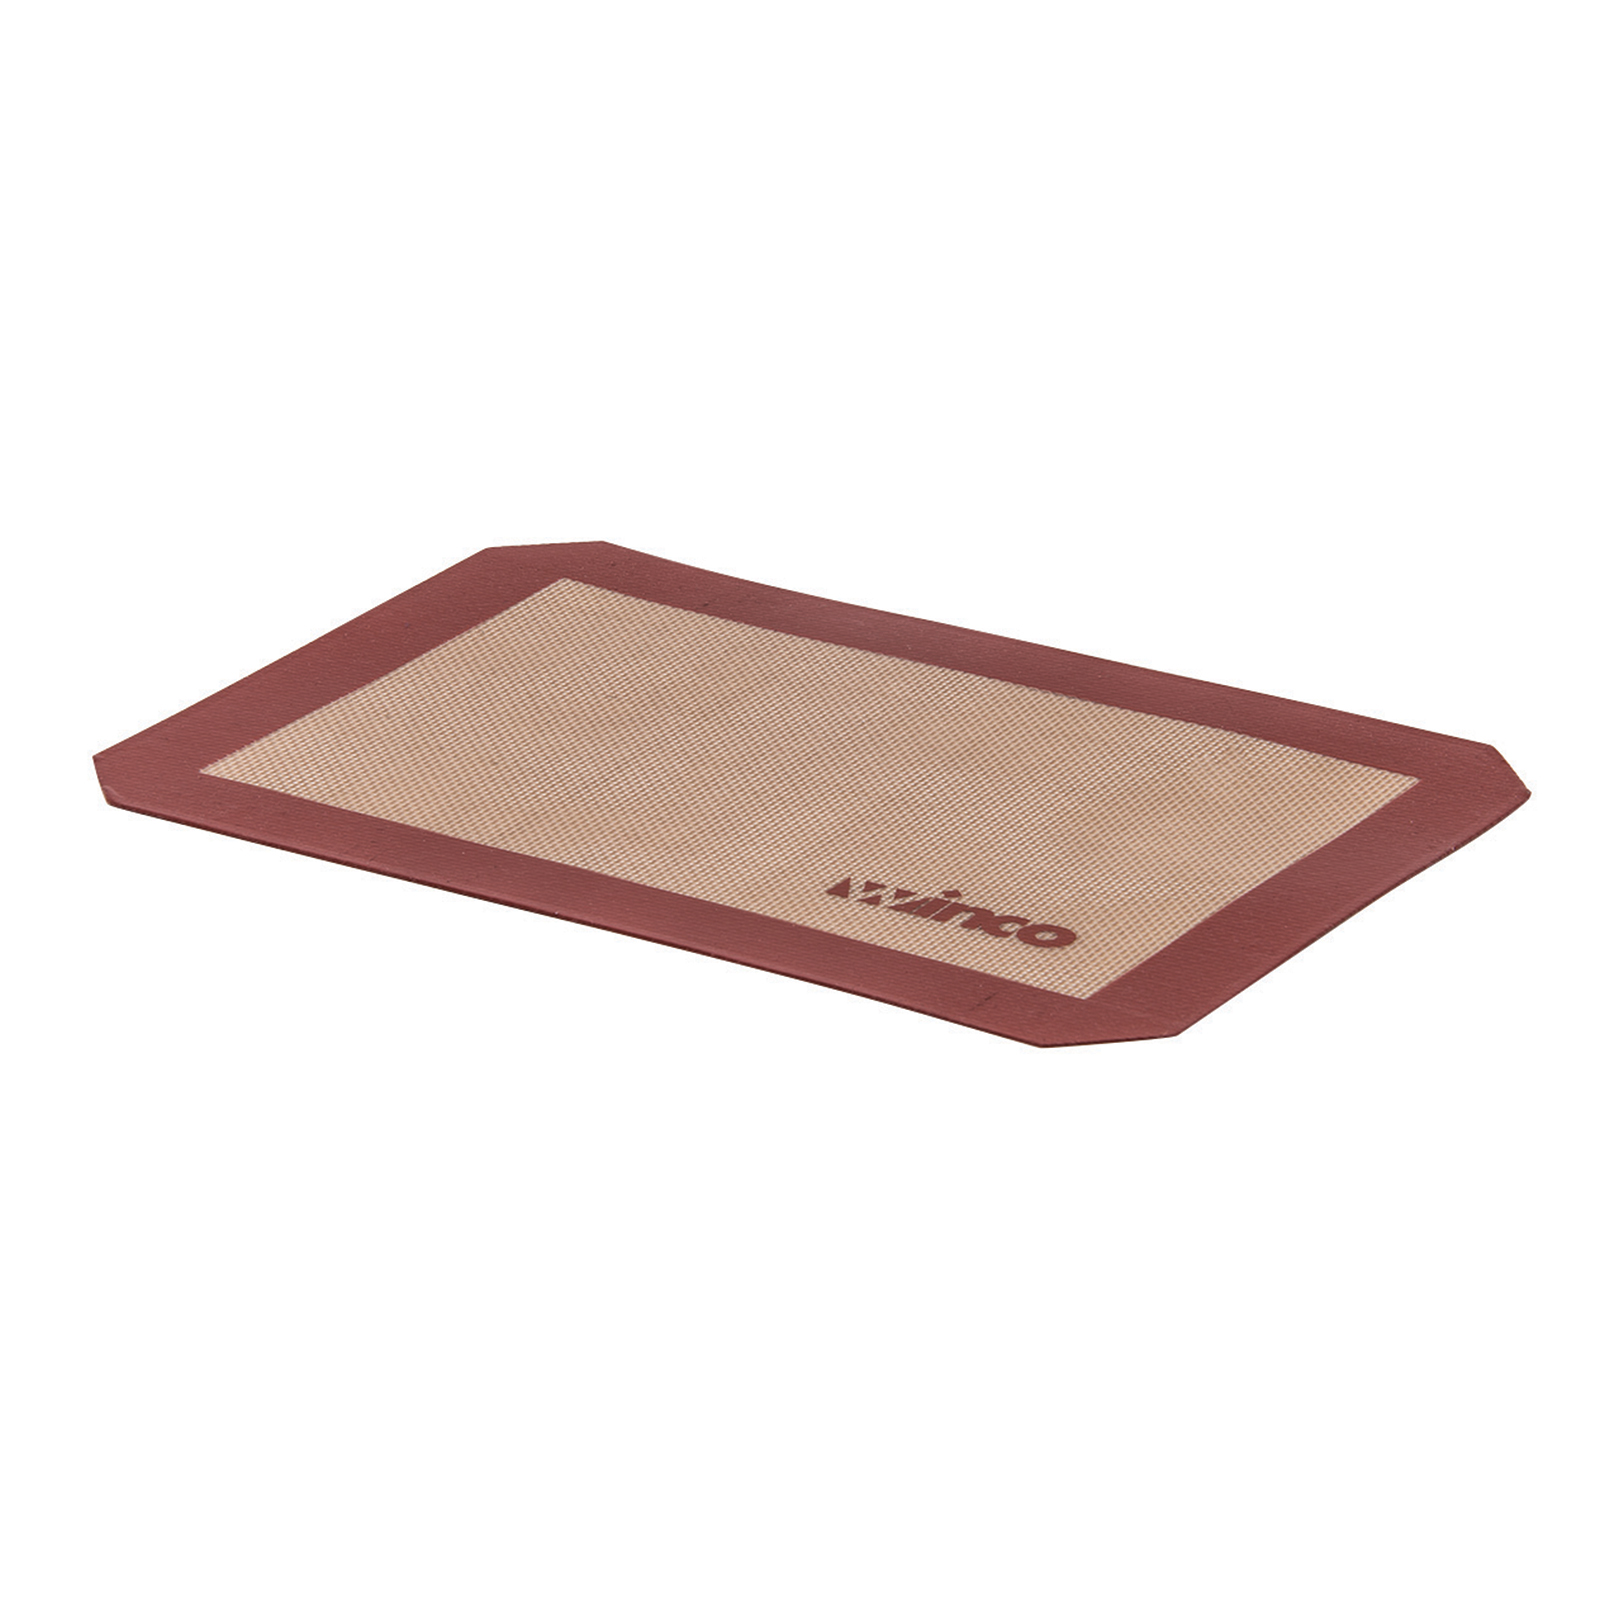 Winco SBS-11 baking mat